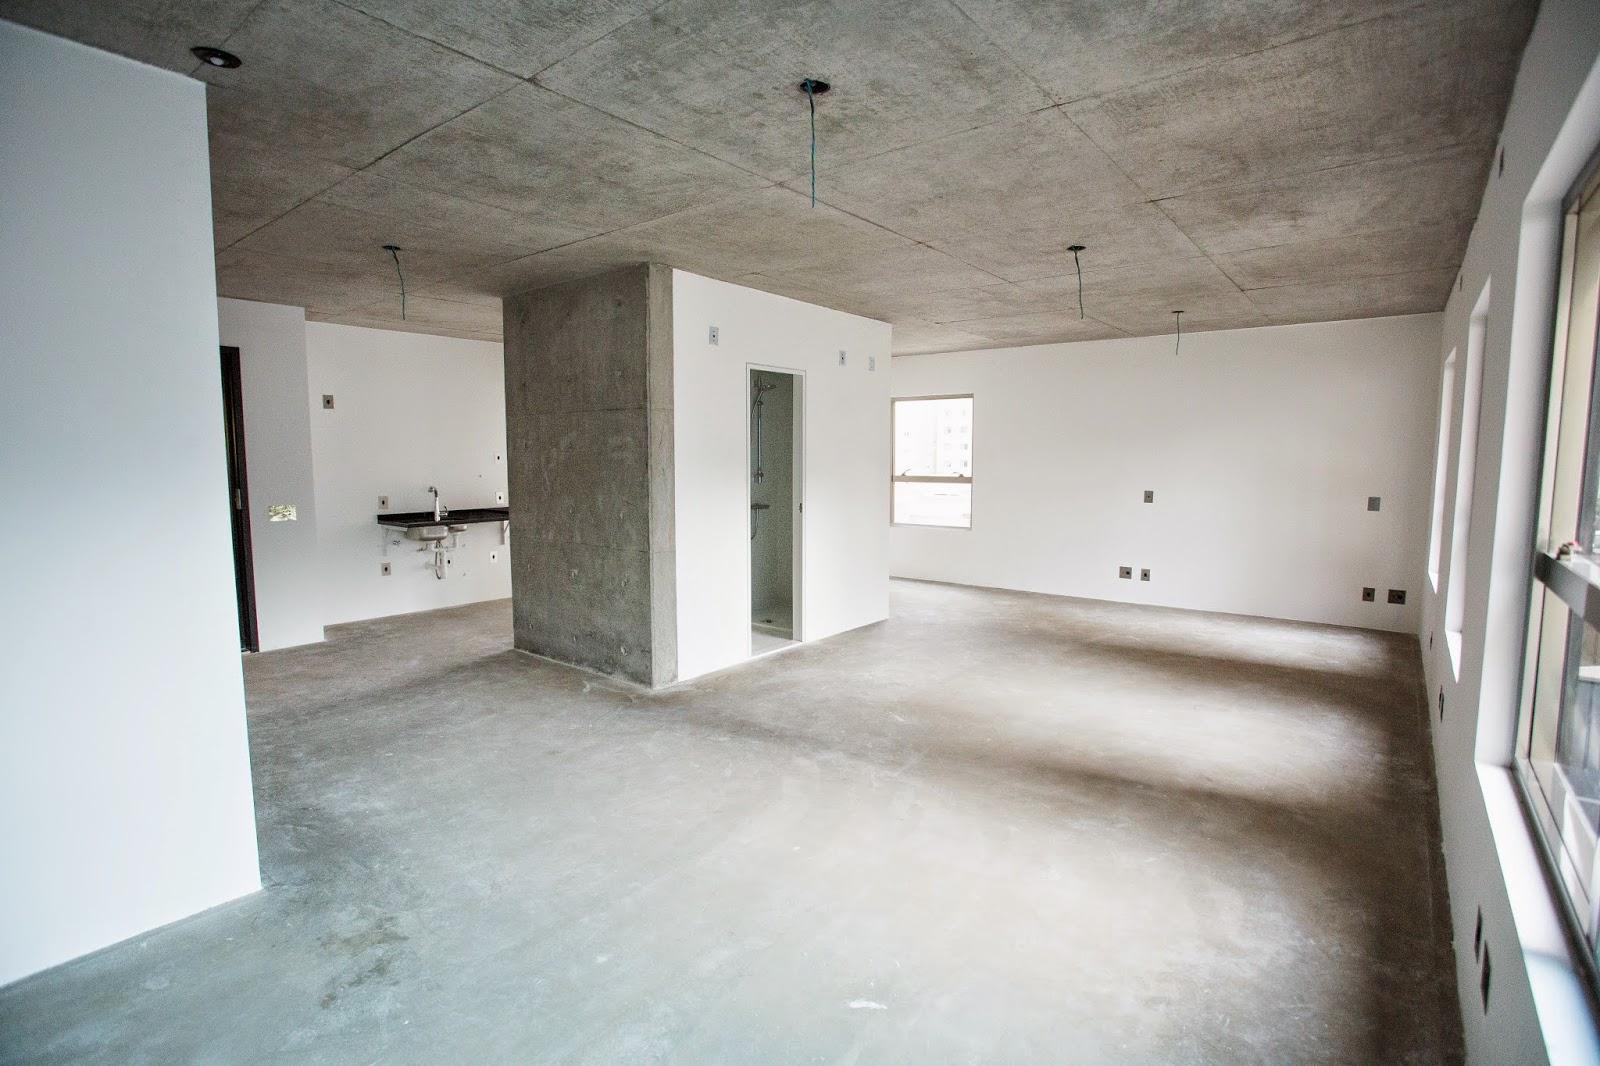 com piso de cimento queimado e banheiro com padrão de acabamento #595146 1600x1066 Banheiro Com Parede De Cimento Queimado